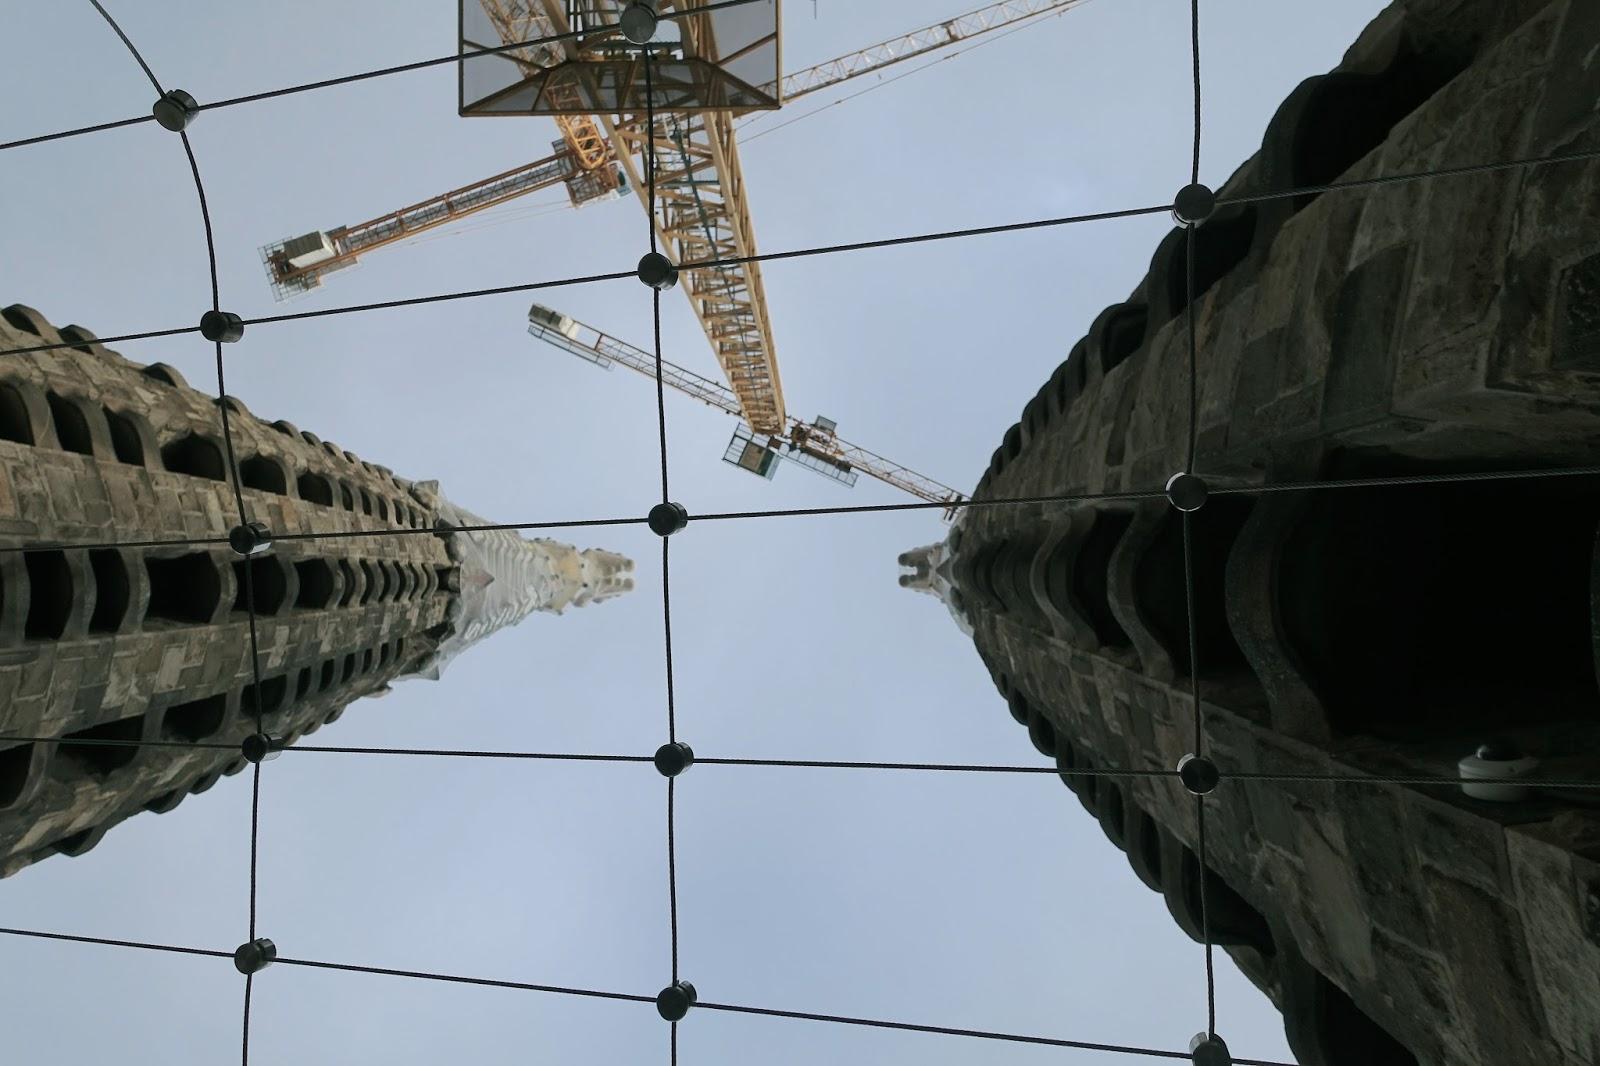 サグラダ・ファミリア (Sagrada Familia) 工事現場2